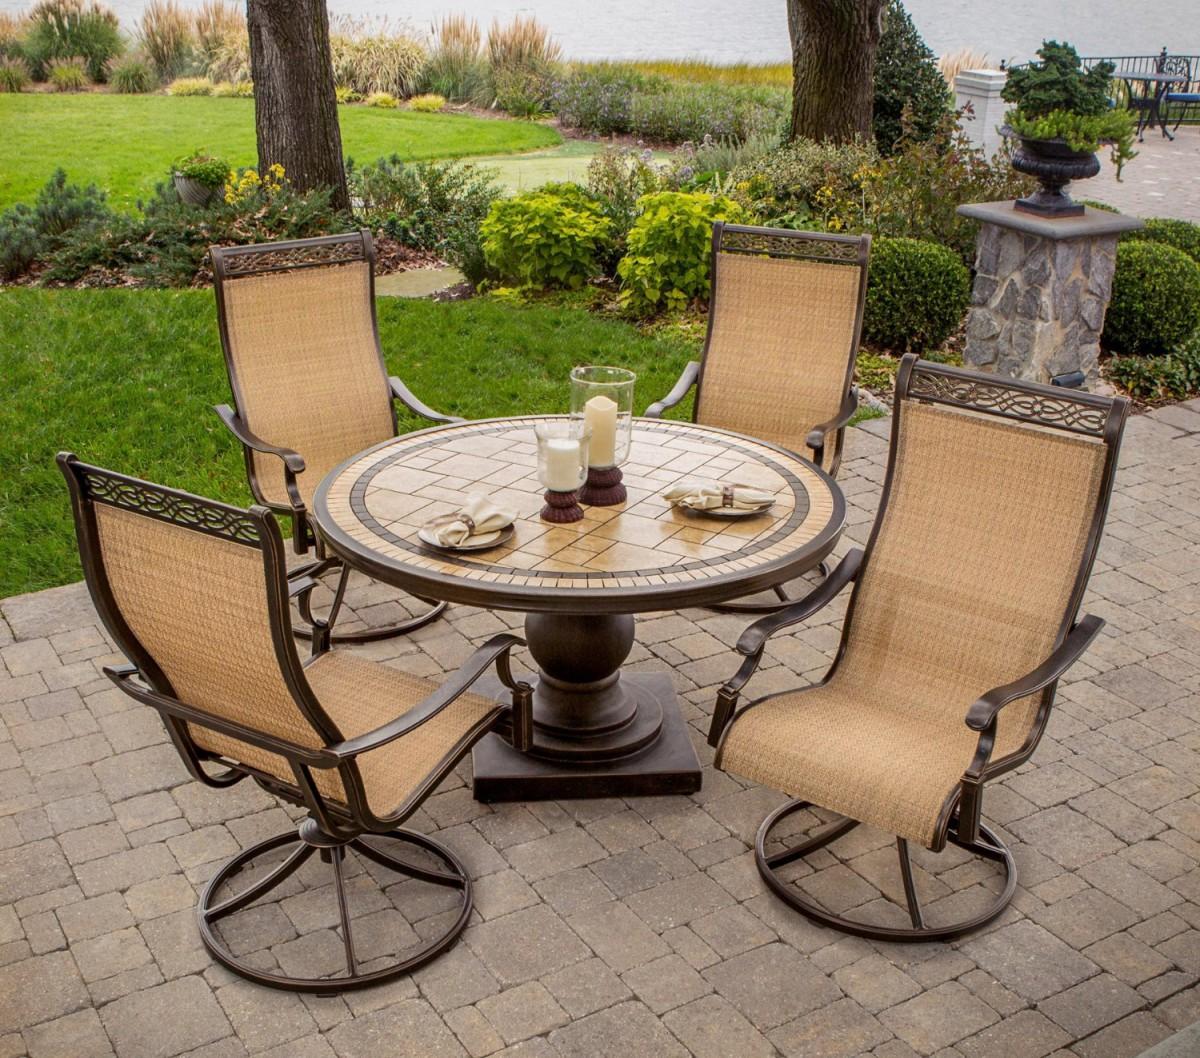 hanover monaco 5 piece outdoor dining